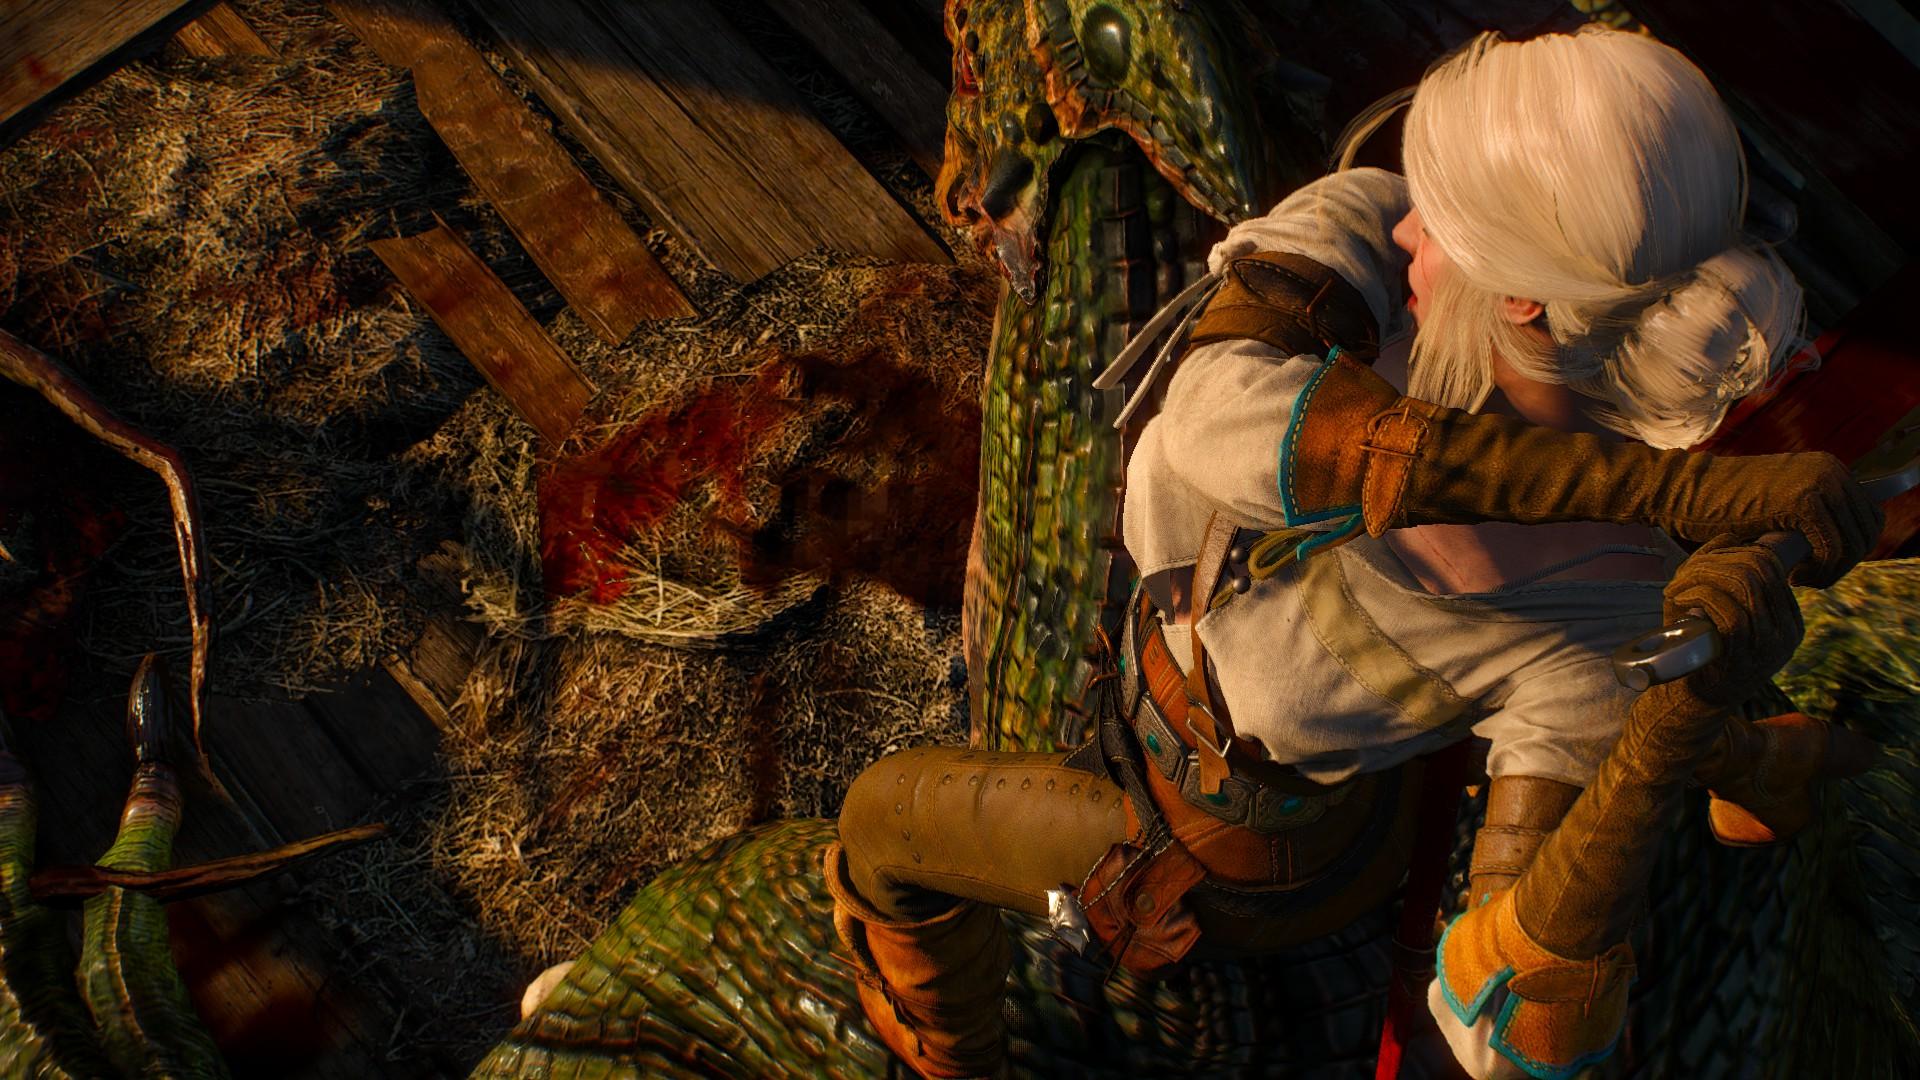 Witcher 3 019.jpg - Witcher 3: Wild Hunt, the